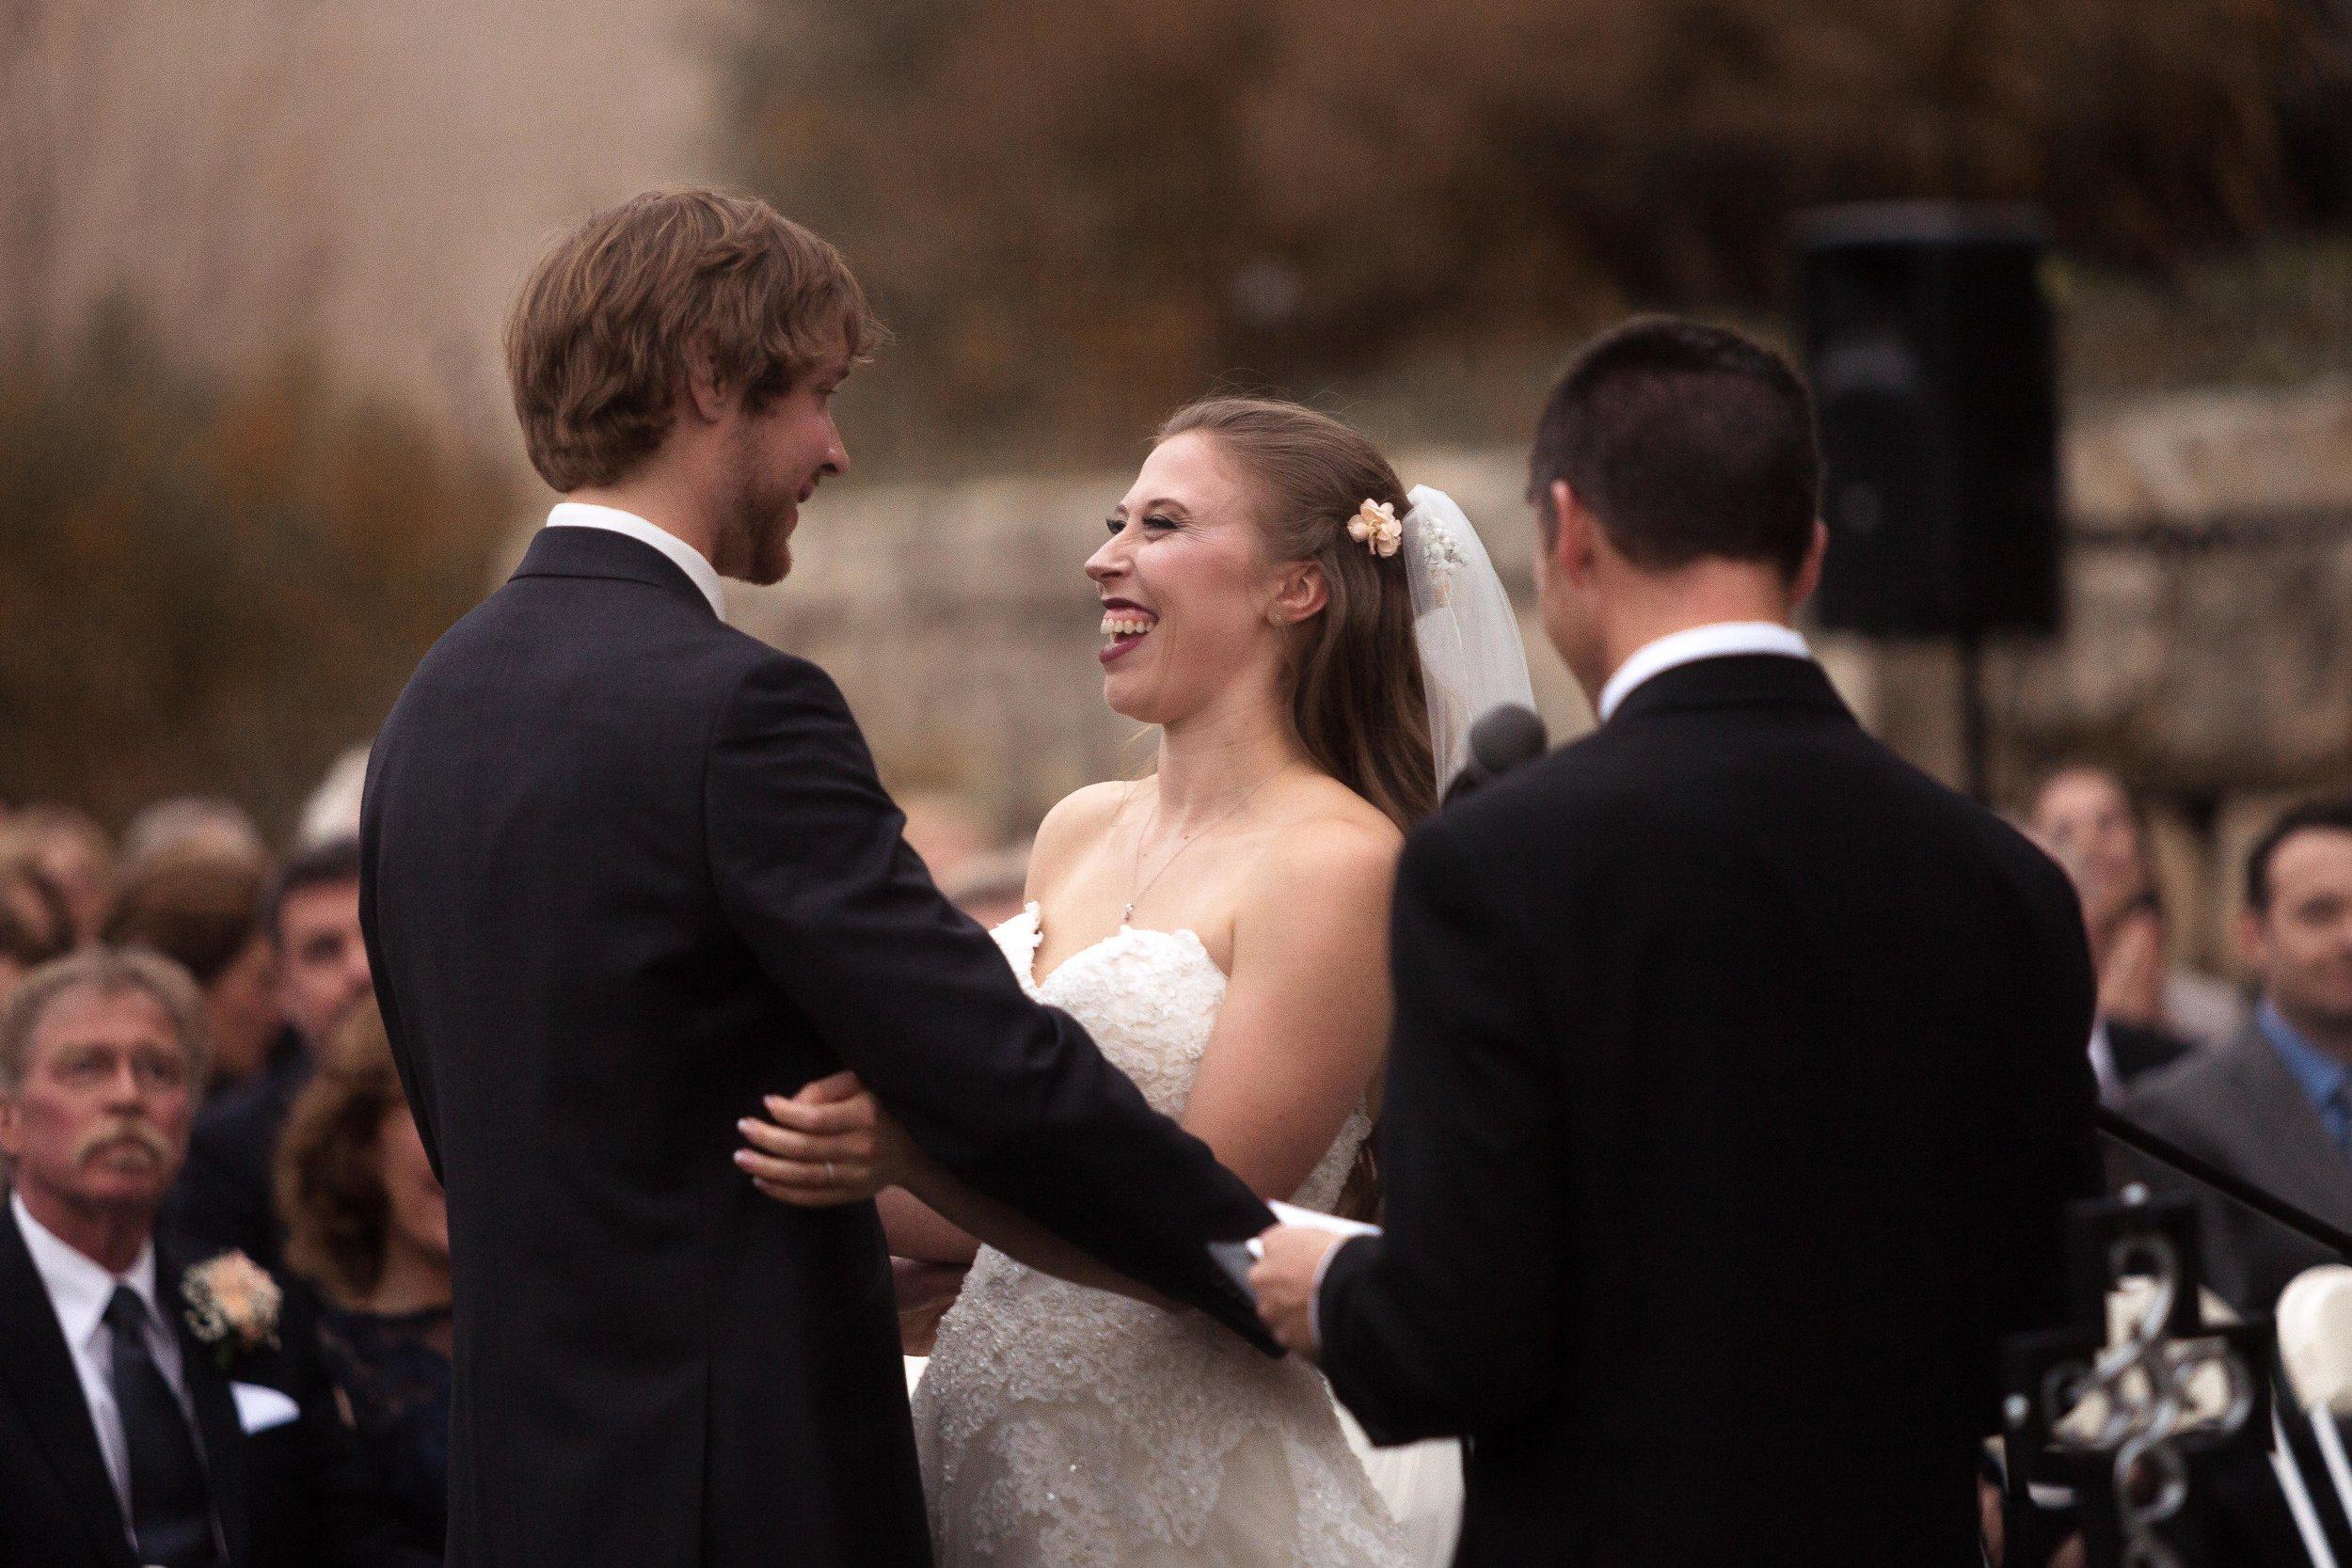 C_Wedding_Spellman, Megan & Tyler_10.27.18-1641.JPG